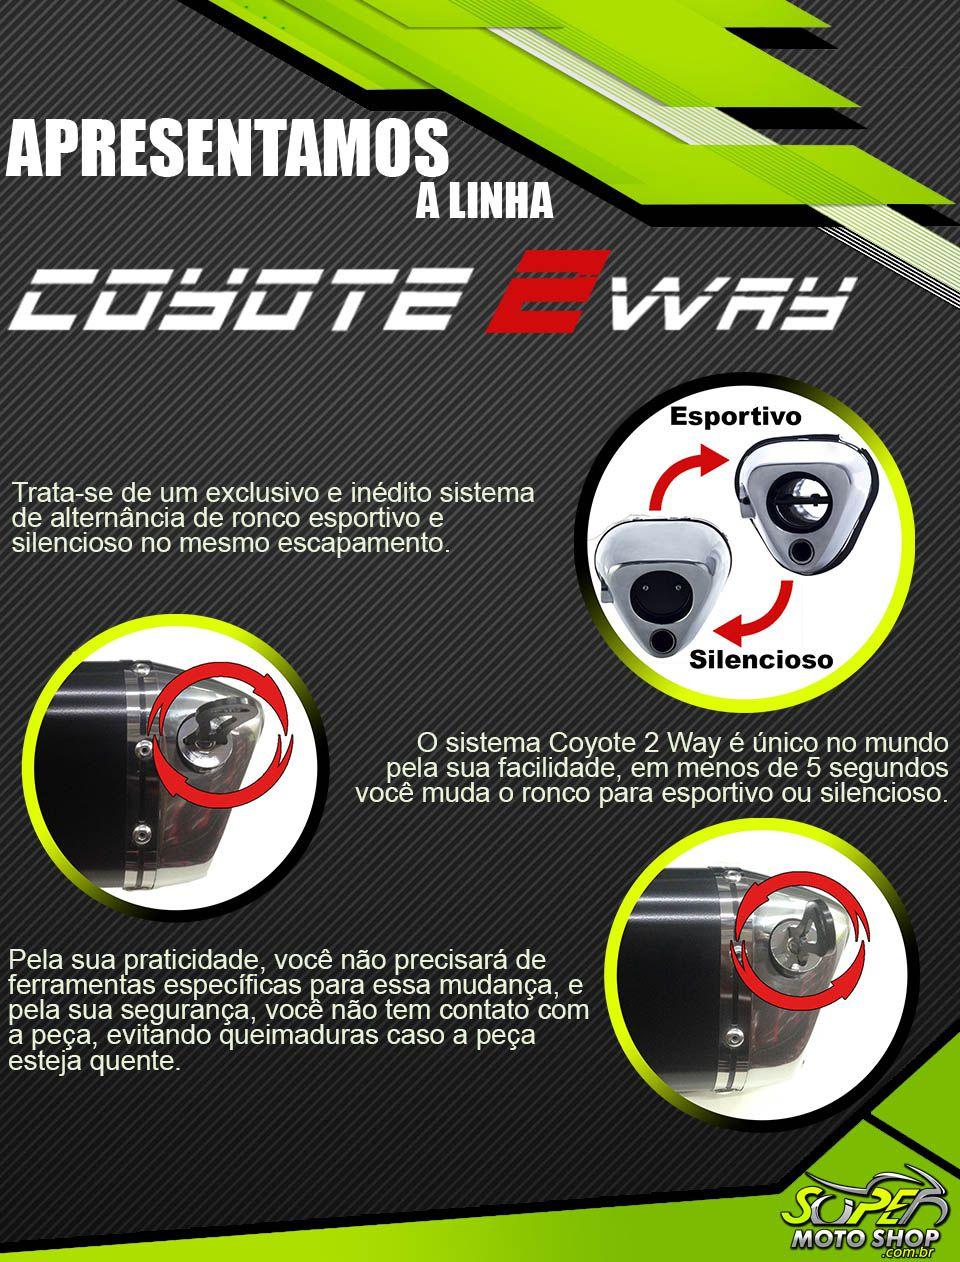 Escape / Ponteira Coyote TRS 2 Way Alumínio - Lander ABS 250 ano 2019 em Diante - Yamaha